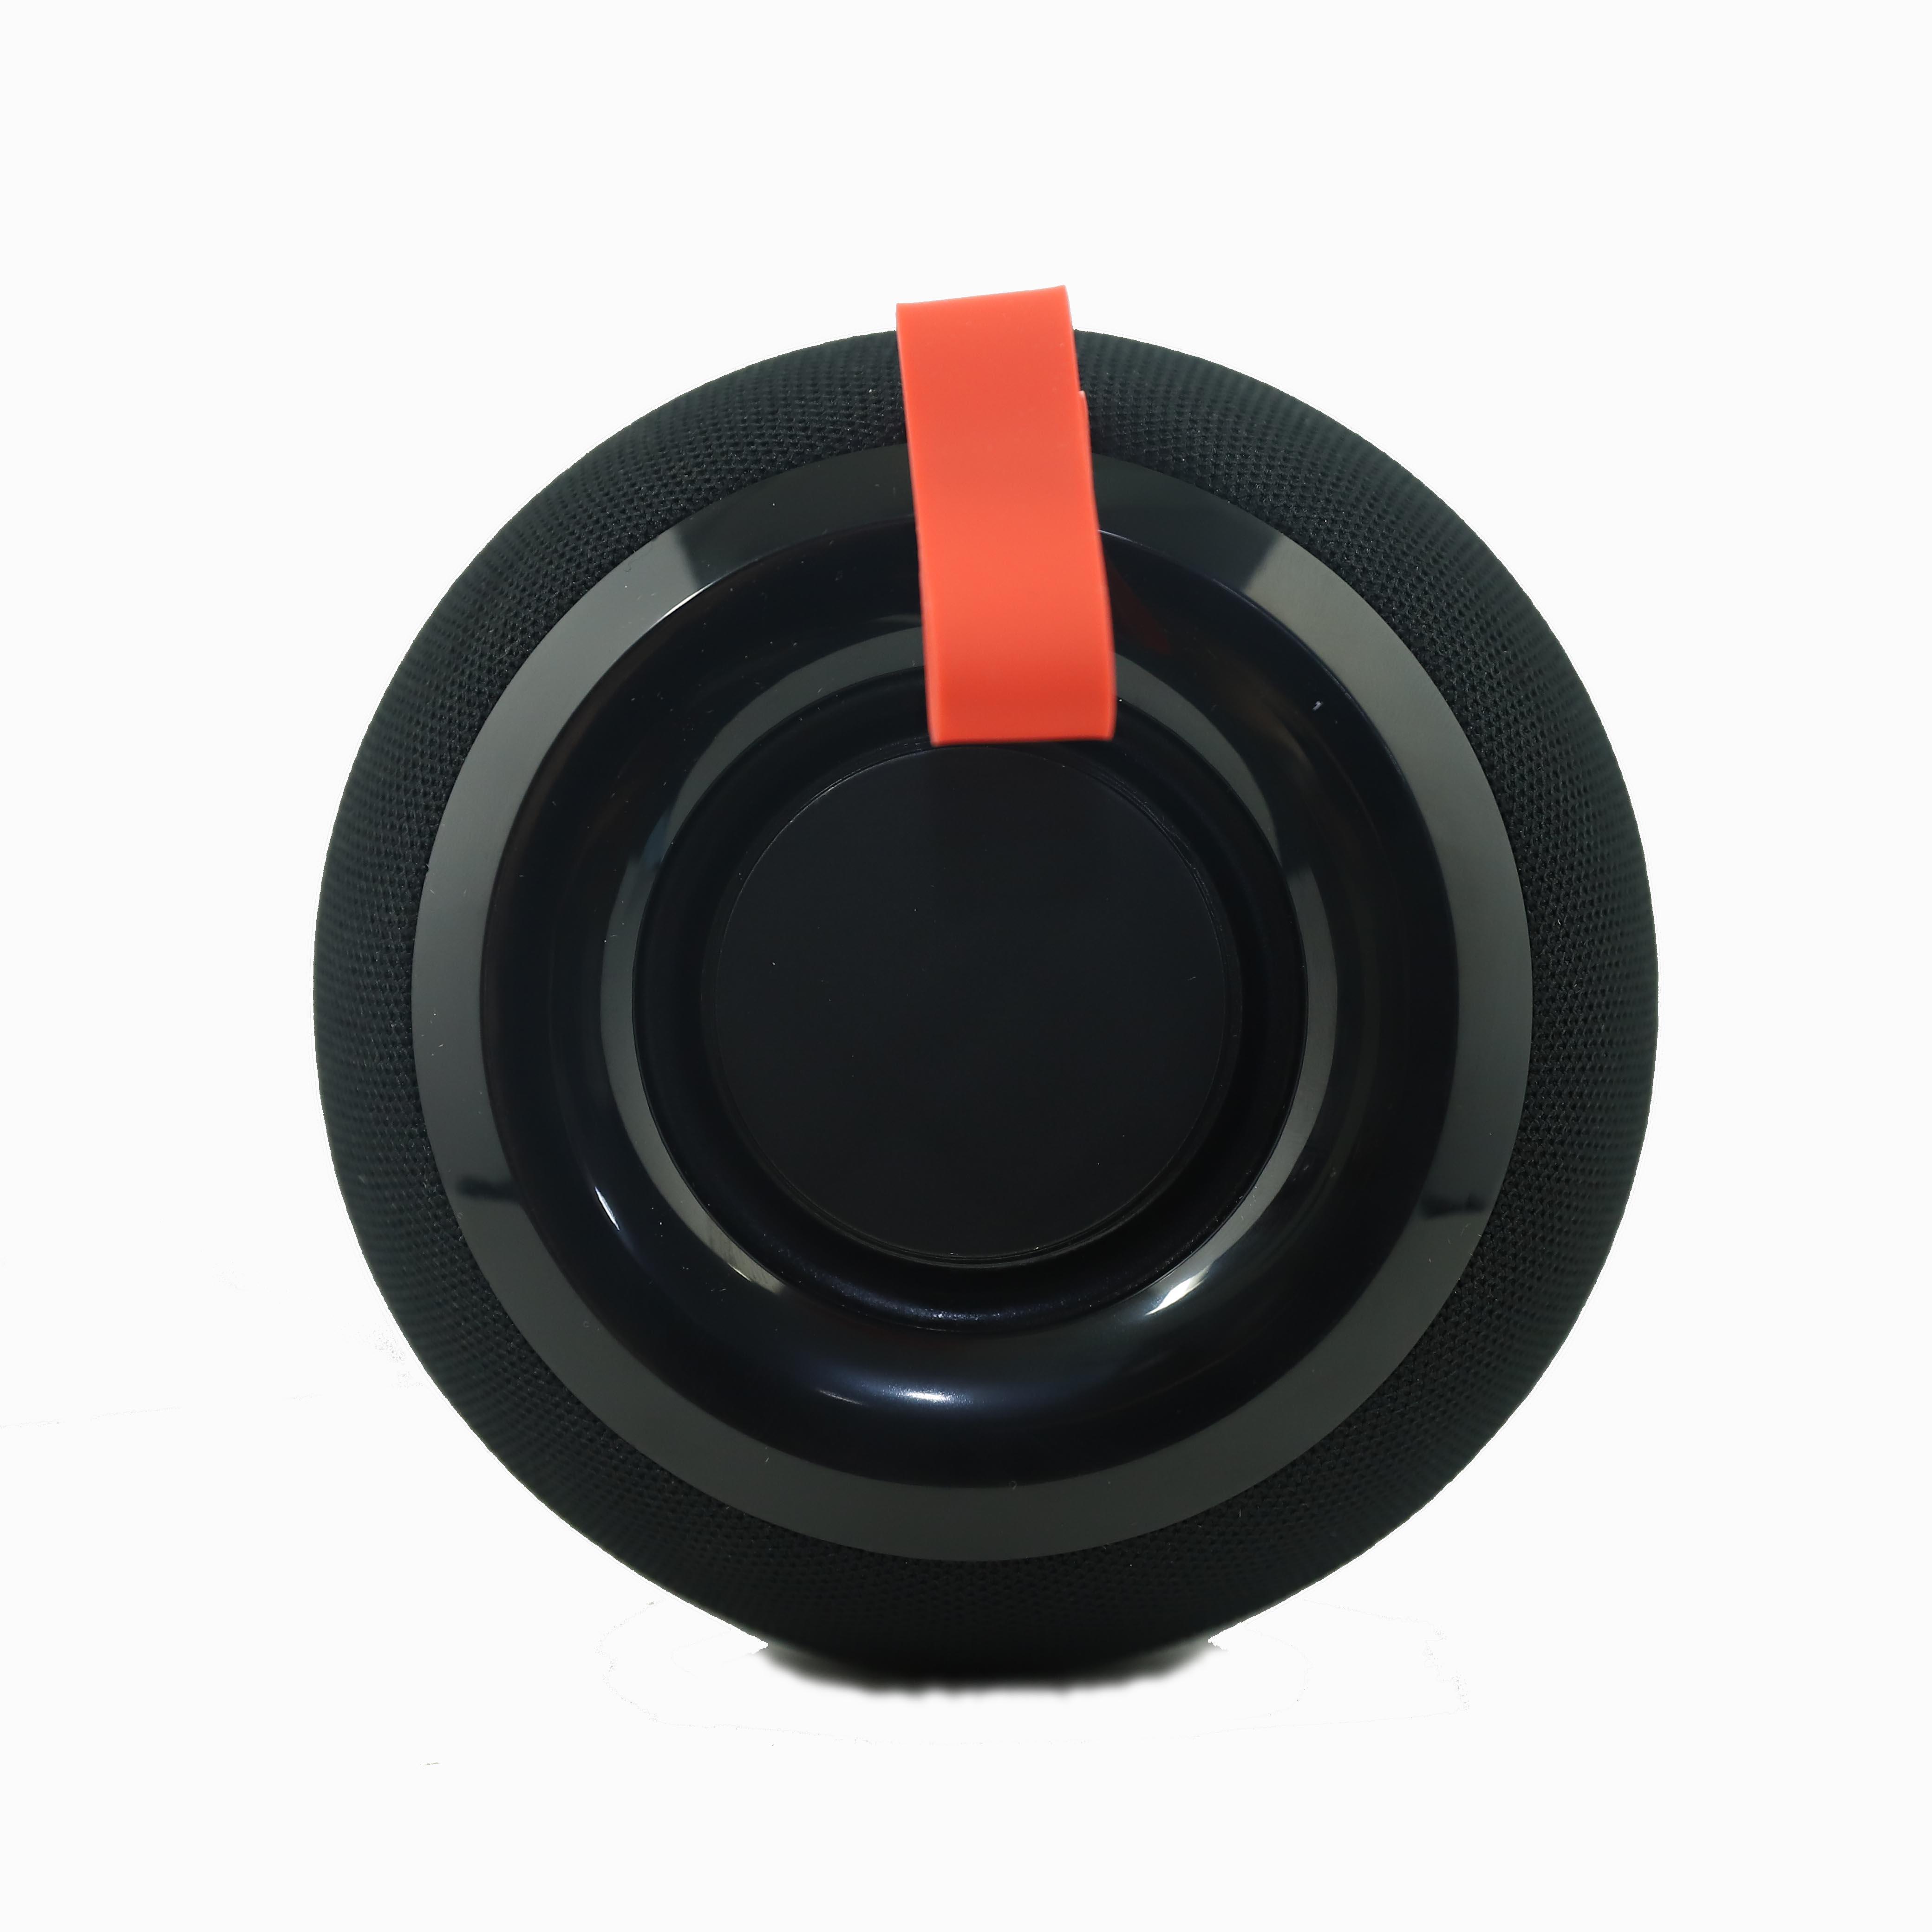 Loa Bluetooth mini Lanith E15B Tặng kèm dây sạc 3 đầu – Âm thanh trung thực, sống động - Hàng nhập khẩu - L0000E15B.CAP0001